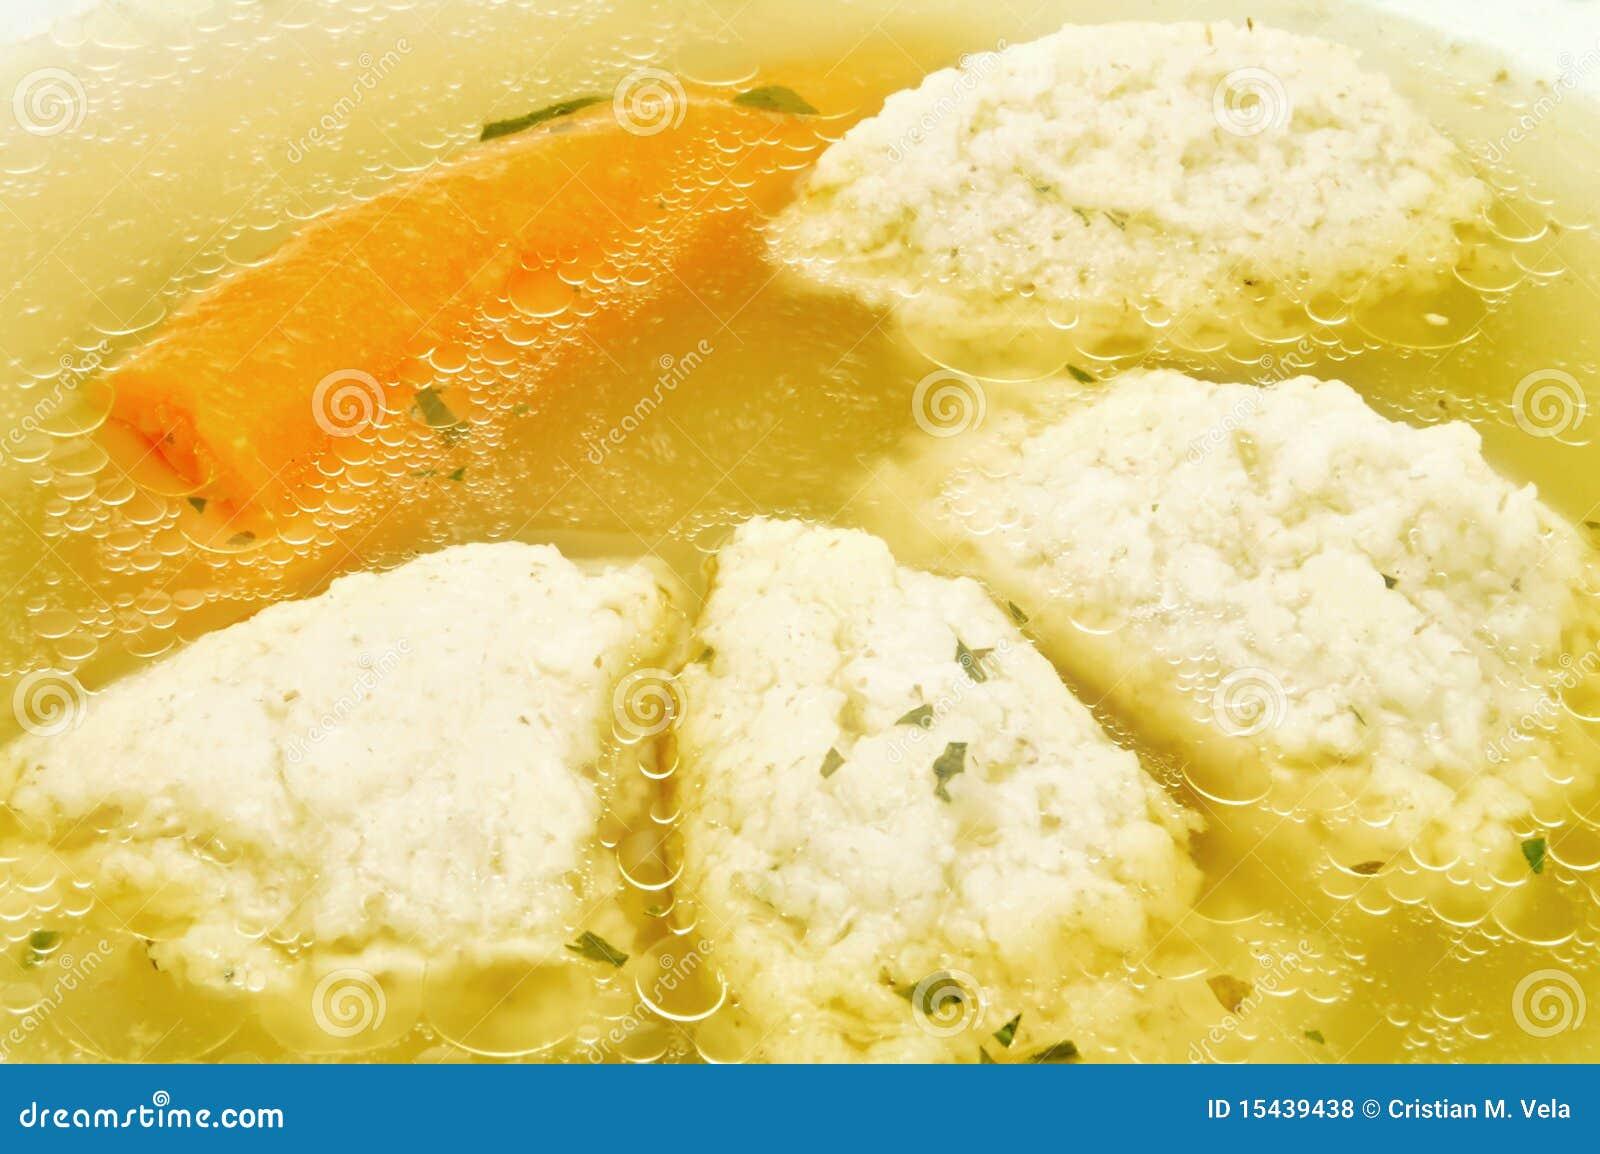 Semolina Dumpling Soup And Carrot Royalty Free Stock Photos - Image ...